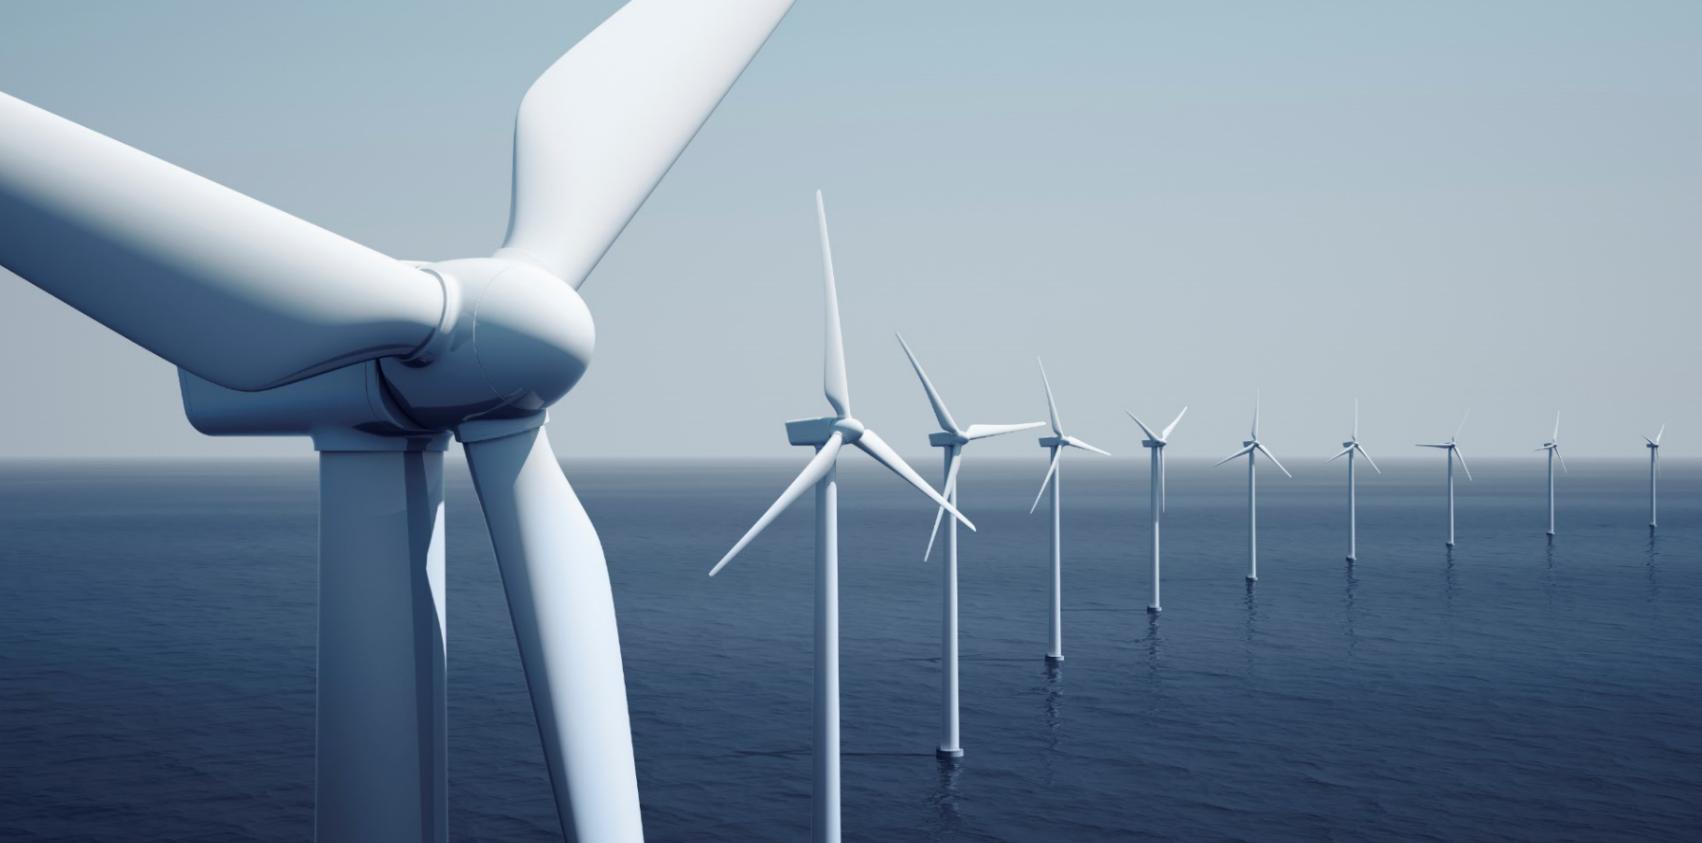 Cuscinetti volventi di grande diametro e anelli nel settore dell'energia eolica